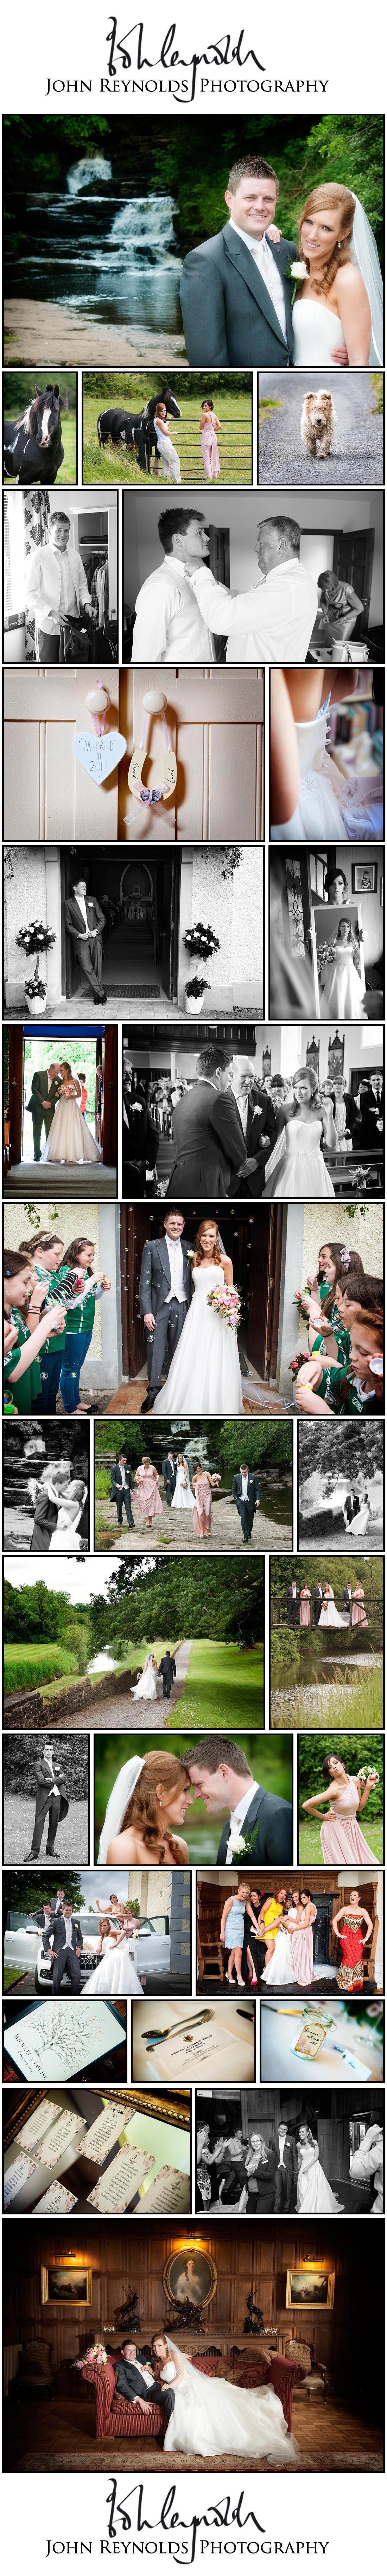 Louise & Domo Blog Collage